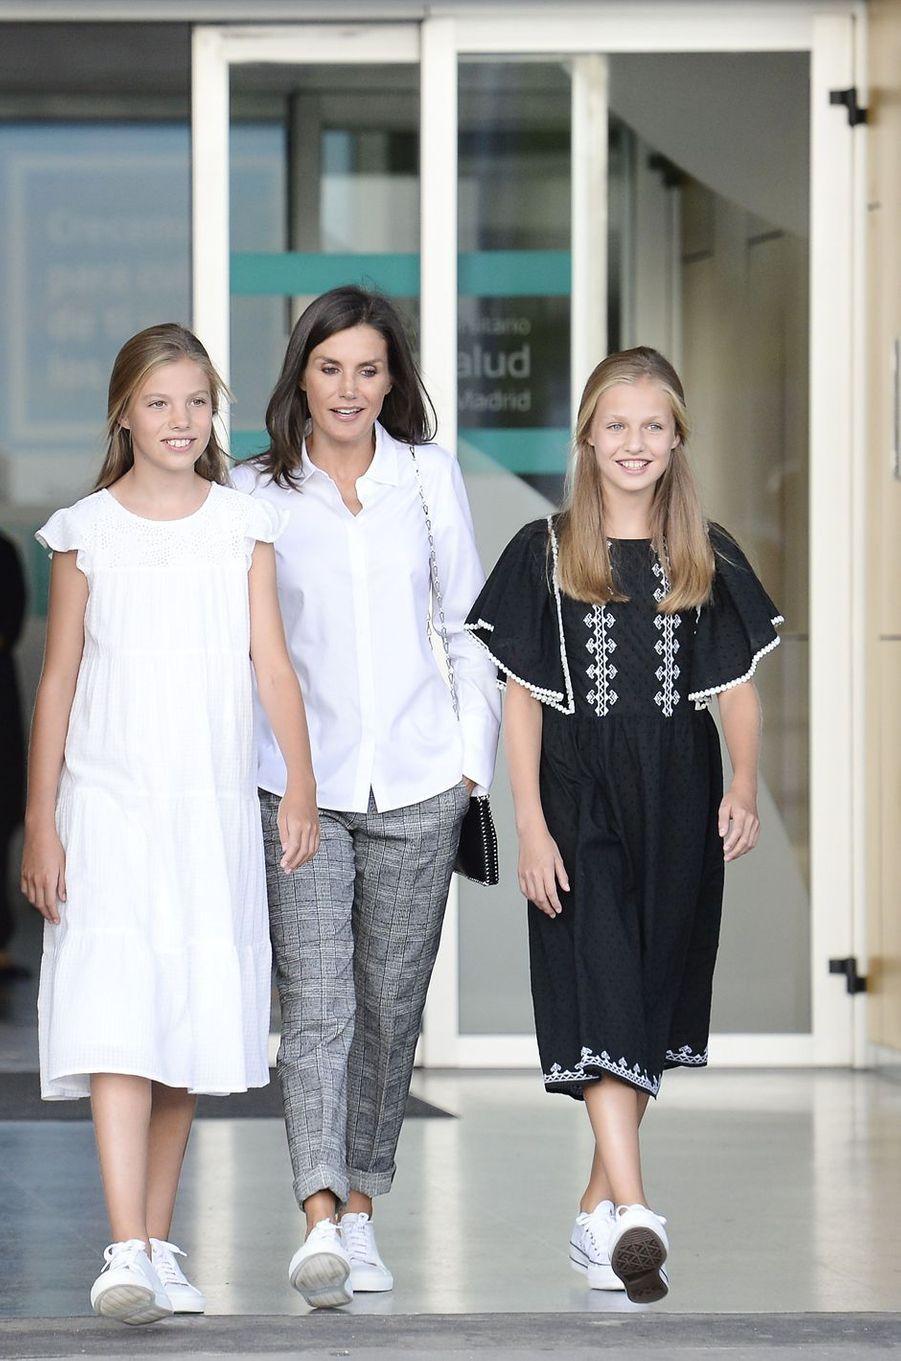 La reine Letizia d'Espagne avec les princesses Sofia et Leonor à Madrid, le 27 août 2019